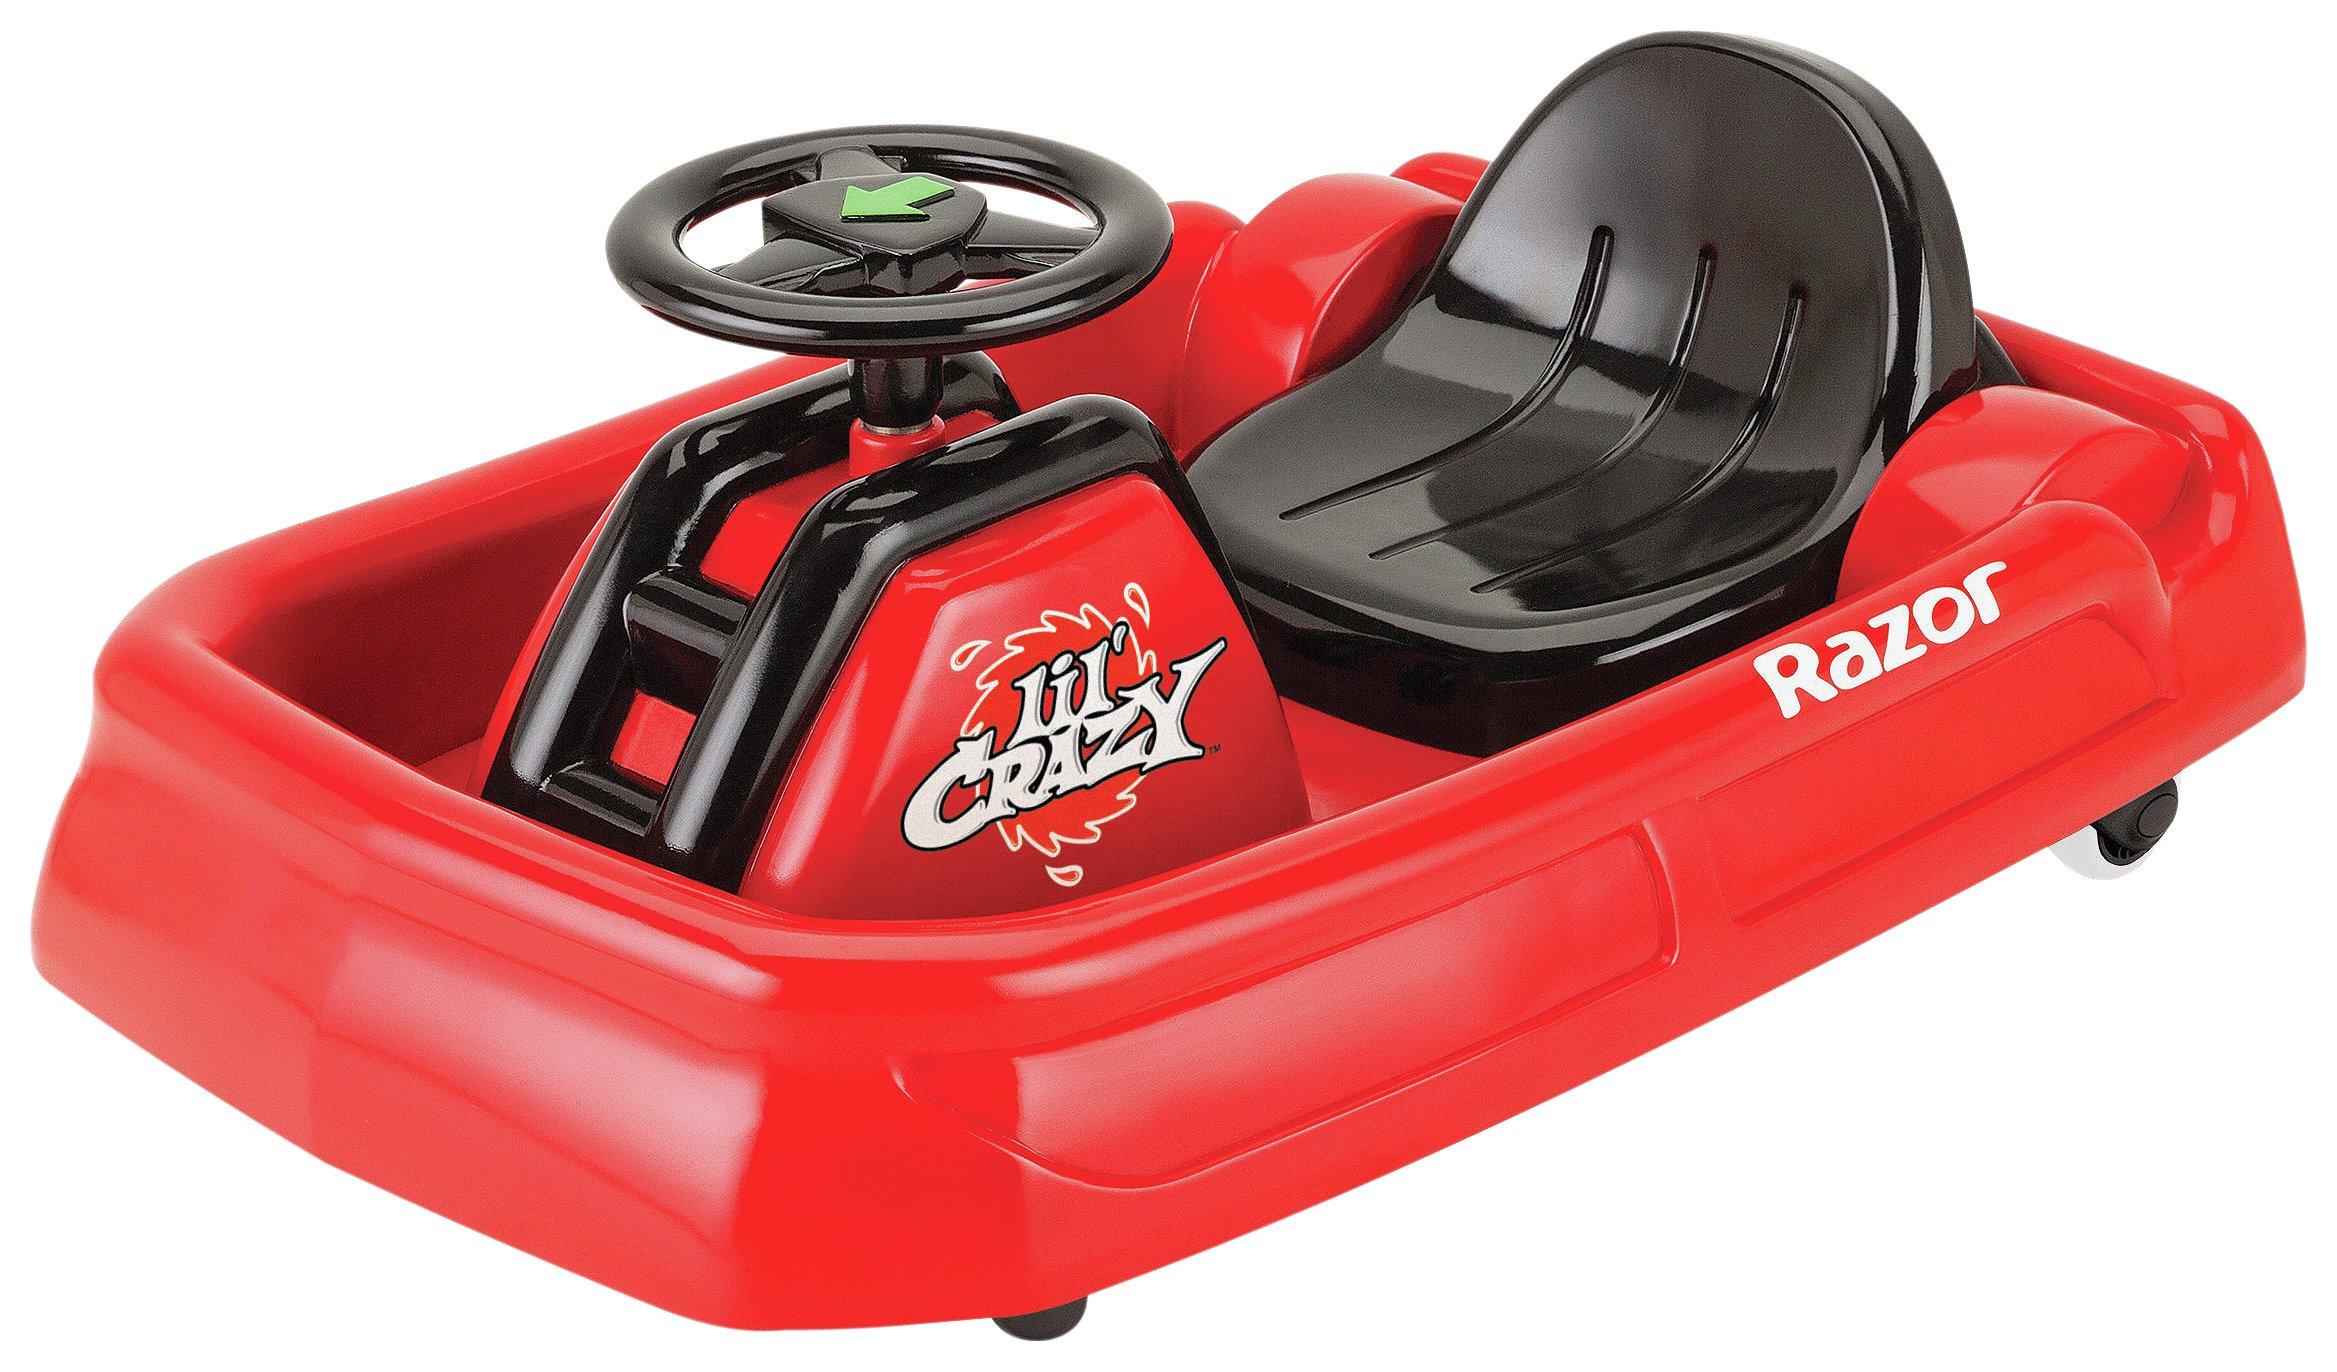 'Razor - Lil Crazy Cart